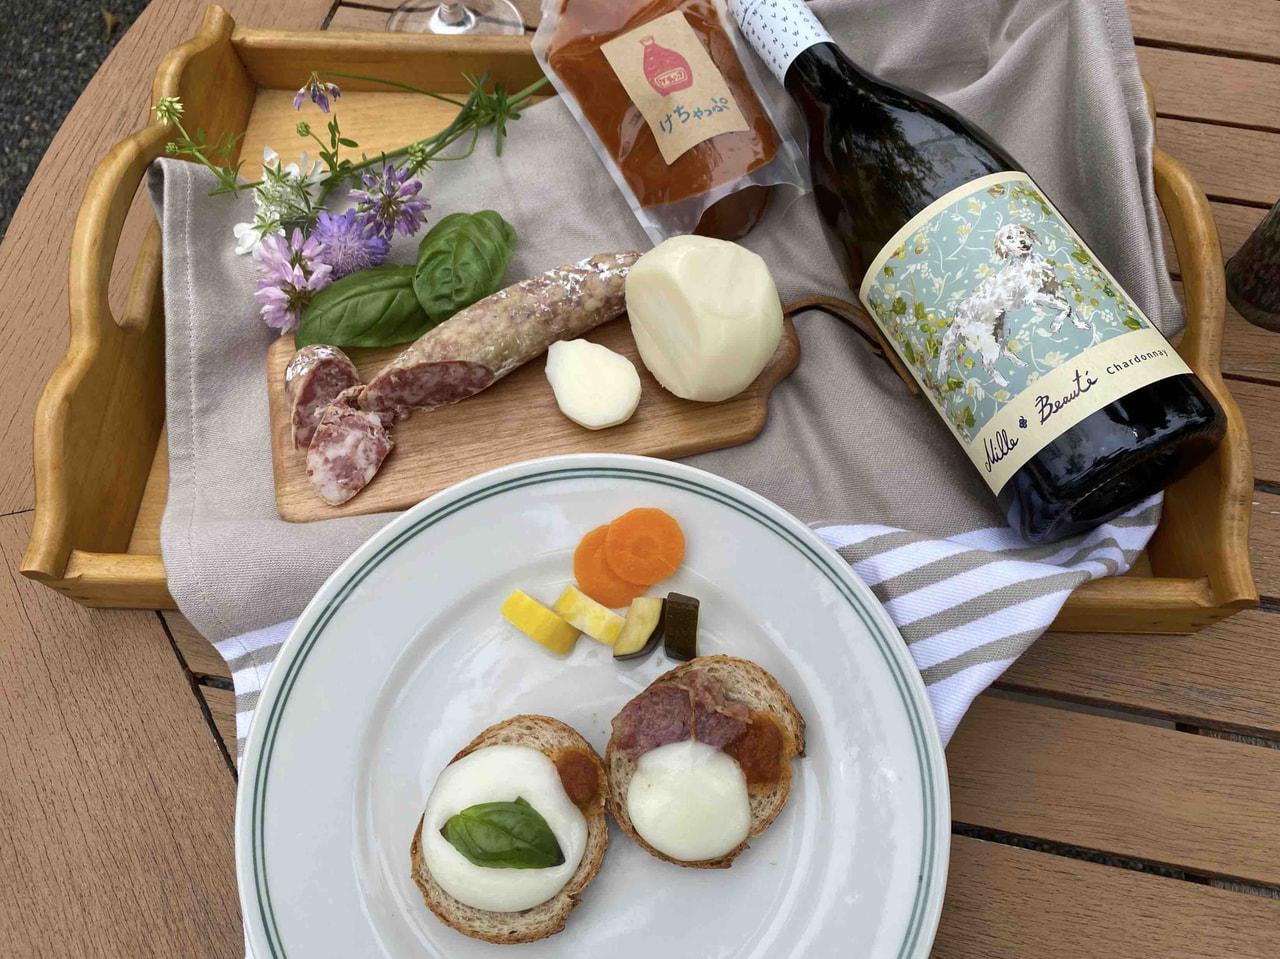 東御ワインチャペルより、ワインと食品の宅配「夏のブランチ編」のご案内